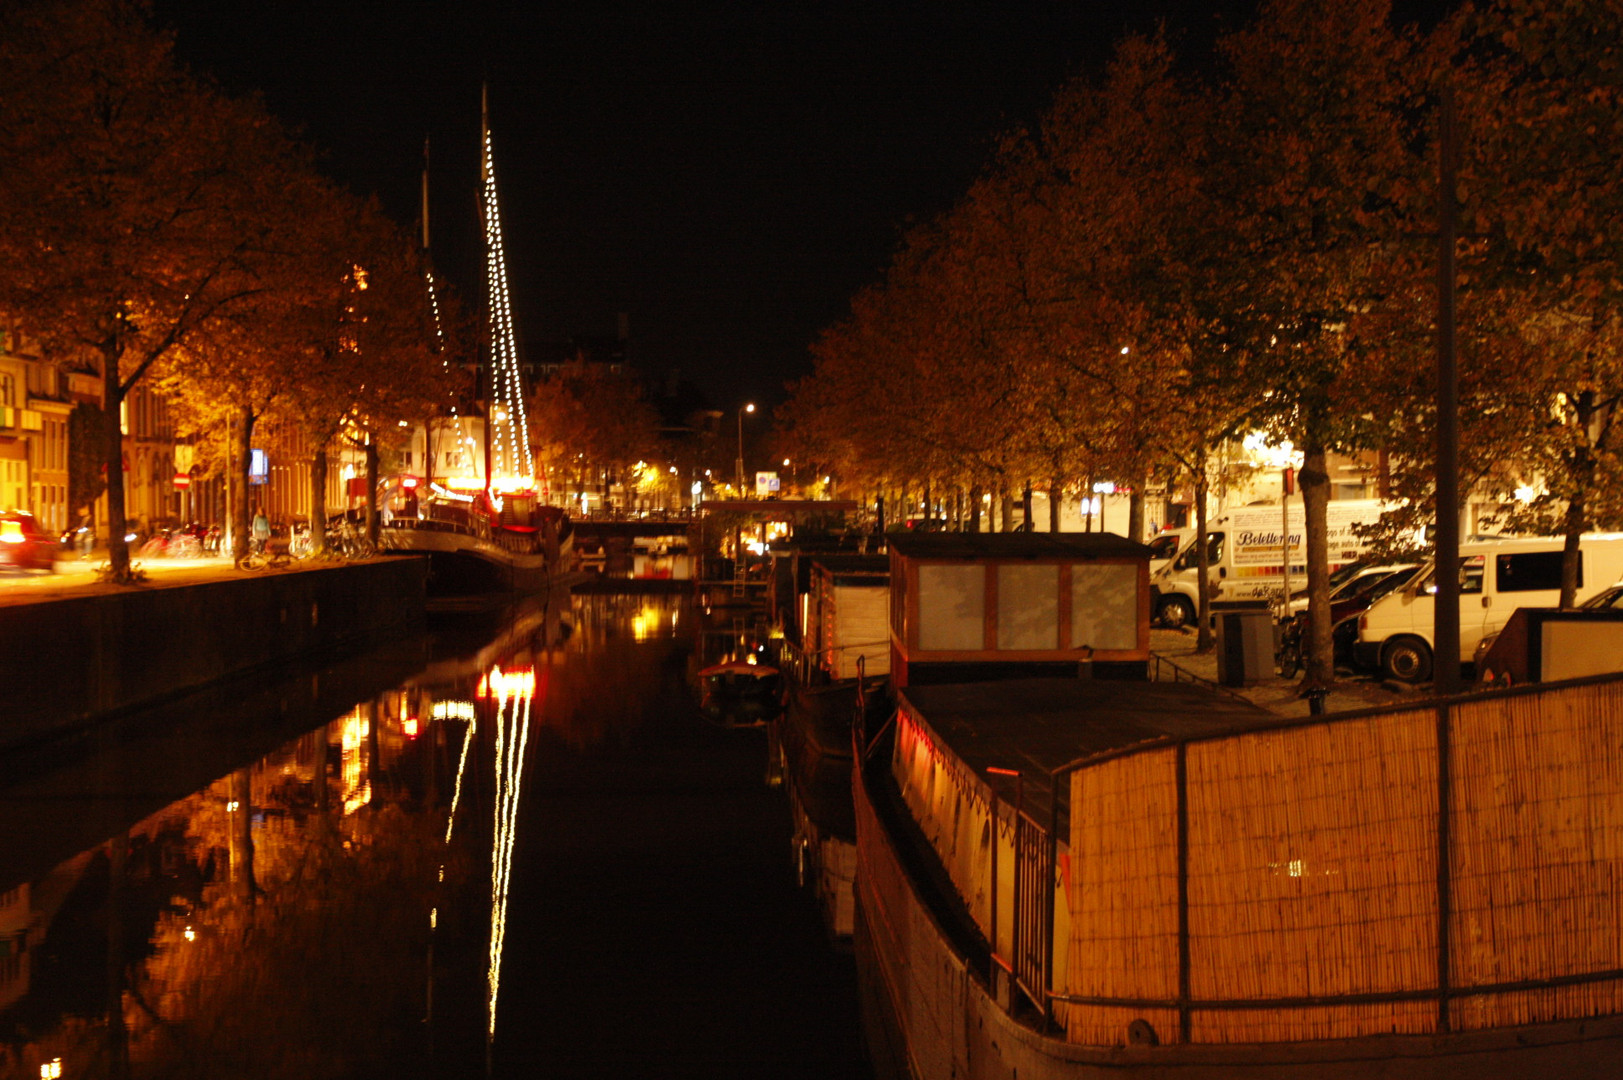 groningen / niederlande